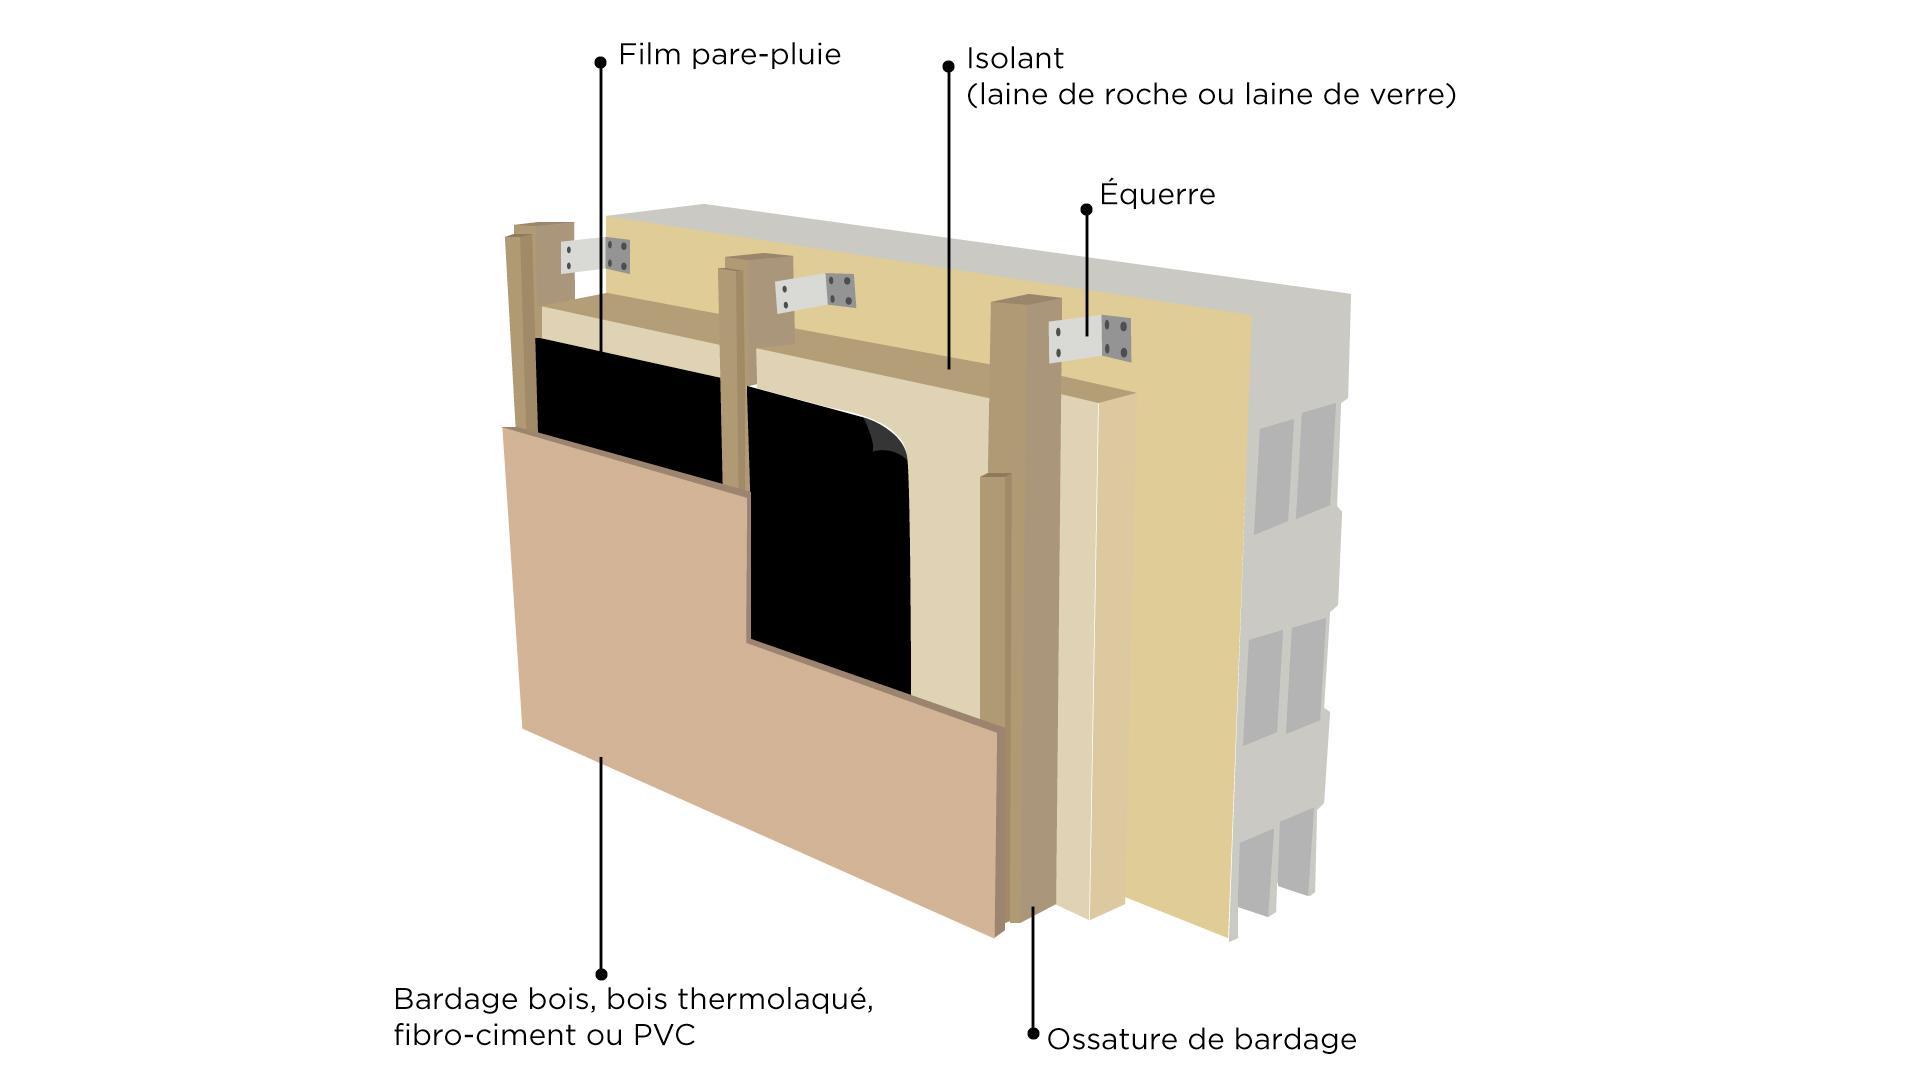 Image #70 - Isolation thermique extérieure